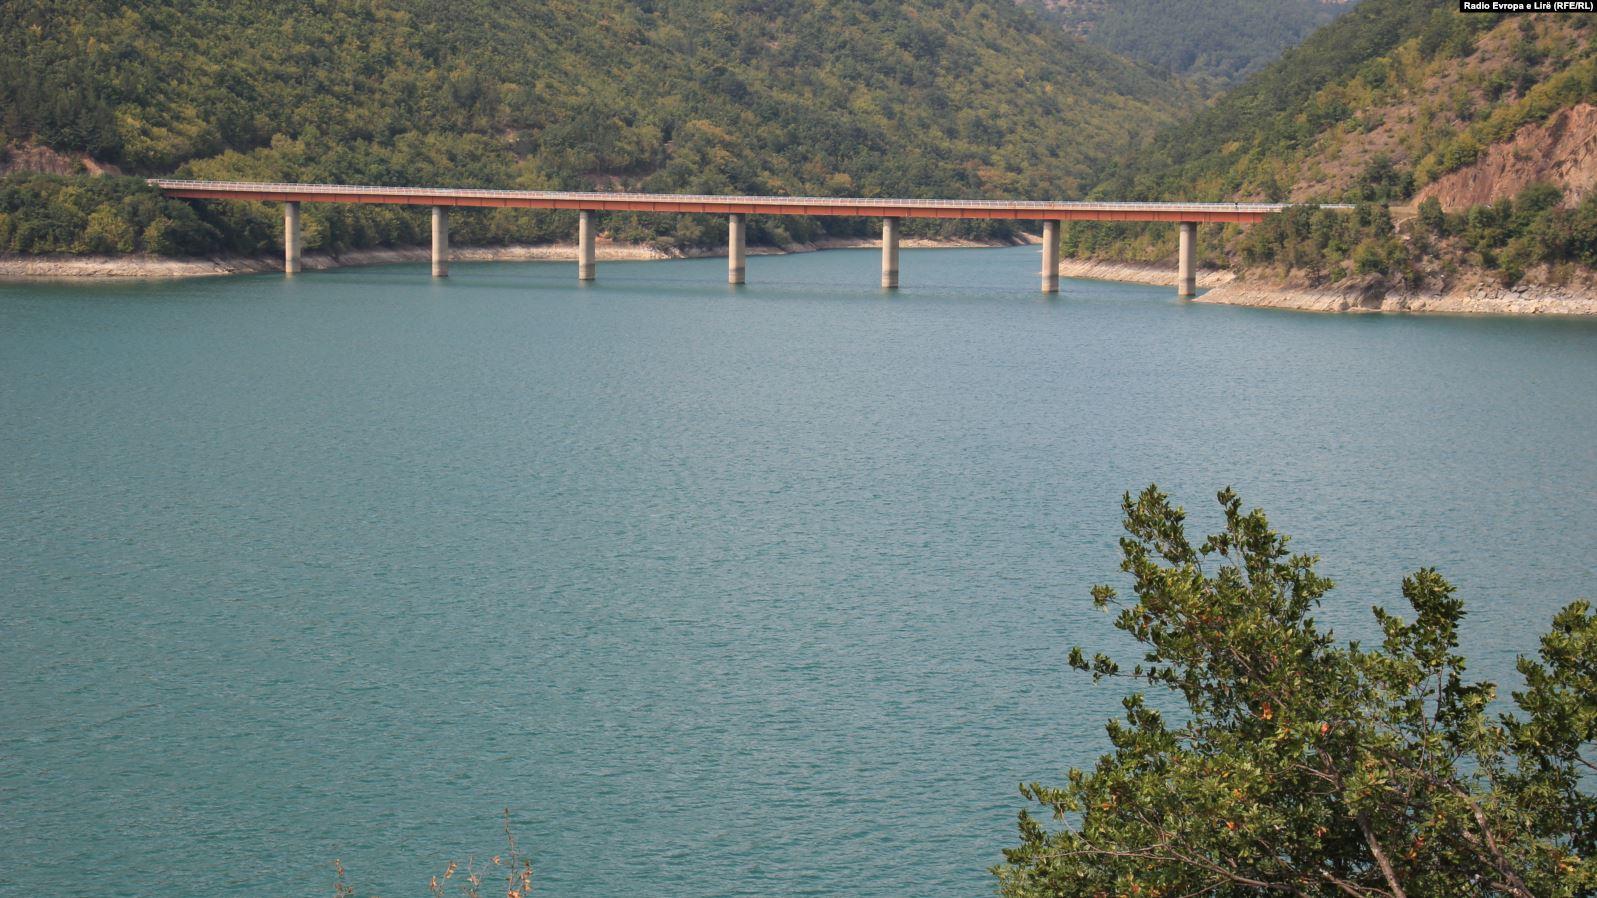 """Liqeni i Ujmanit """"molla e sherrit"""", si do të përdoret në mënyrë të përbashkët nga Kosova dhe Serbia?"""